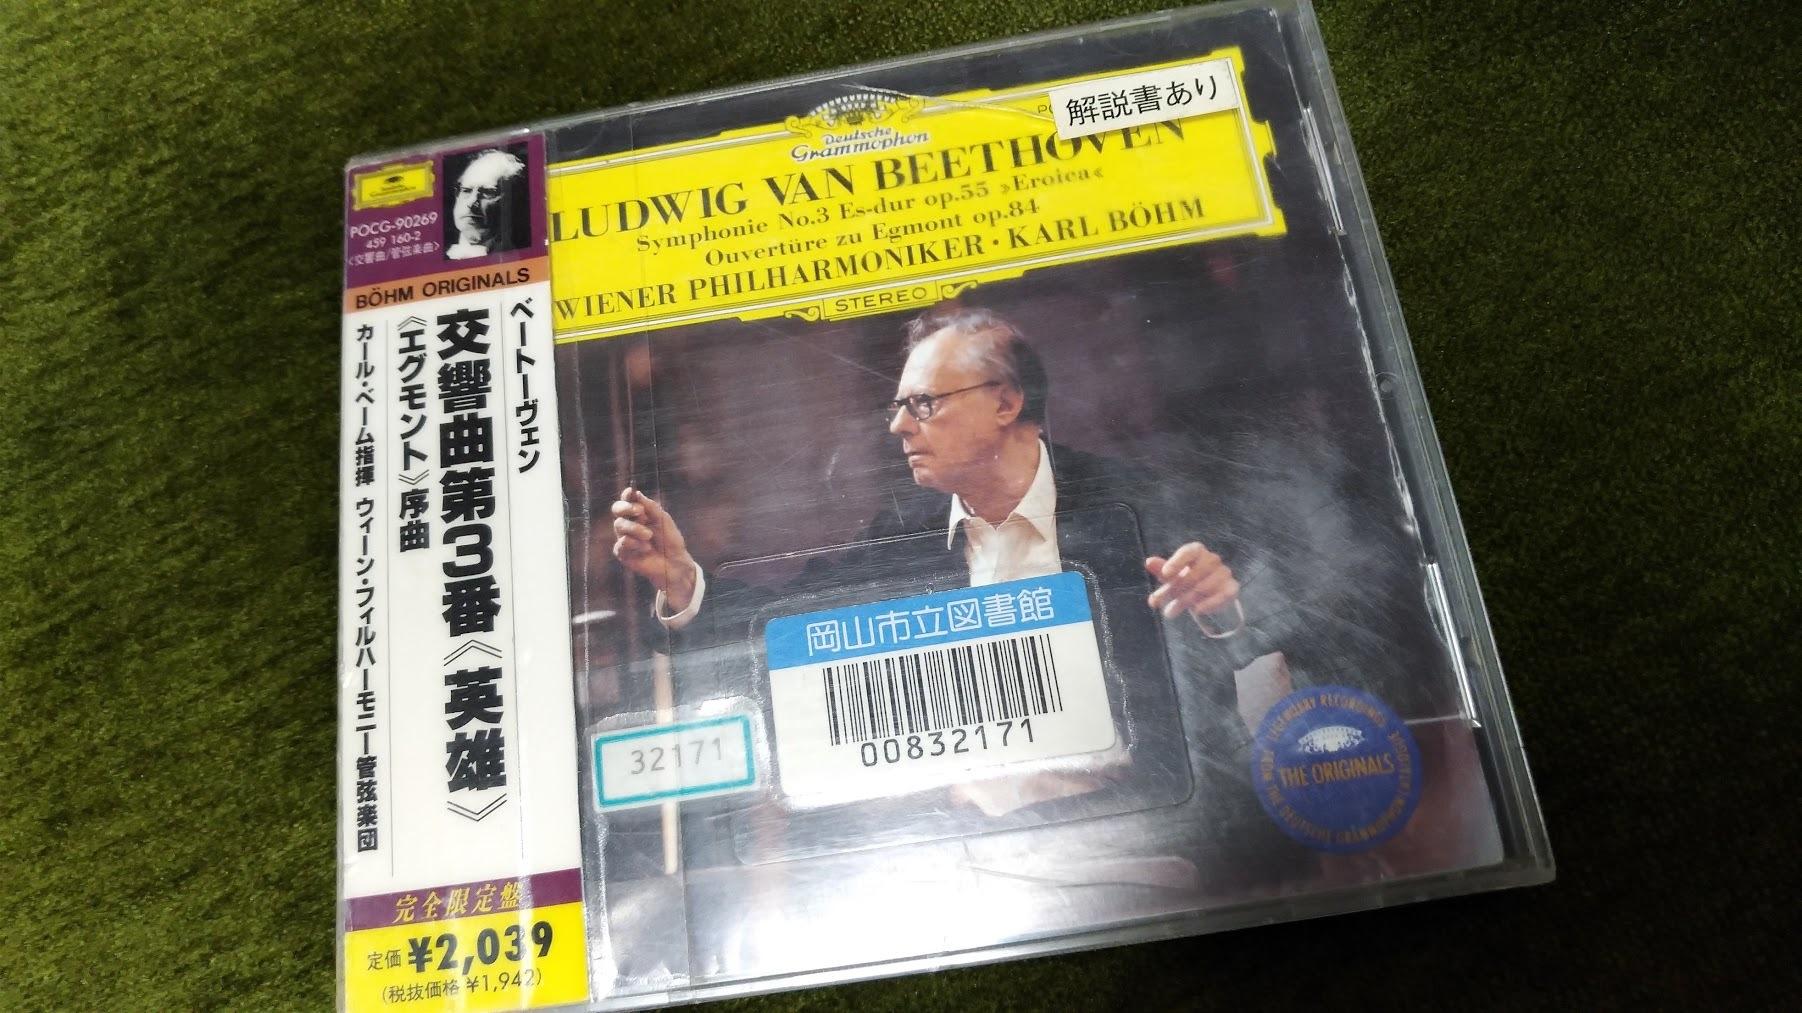 ベートーヴェン「英雄」聞き比べ 続き_f0098083_16223614.jpg